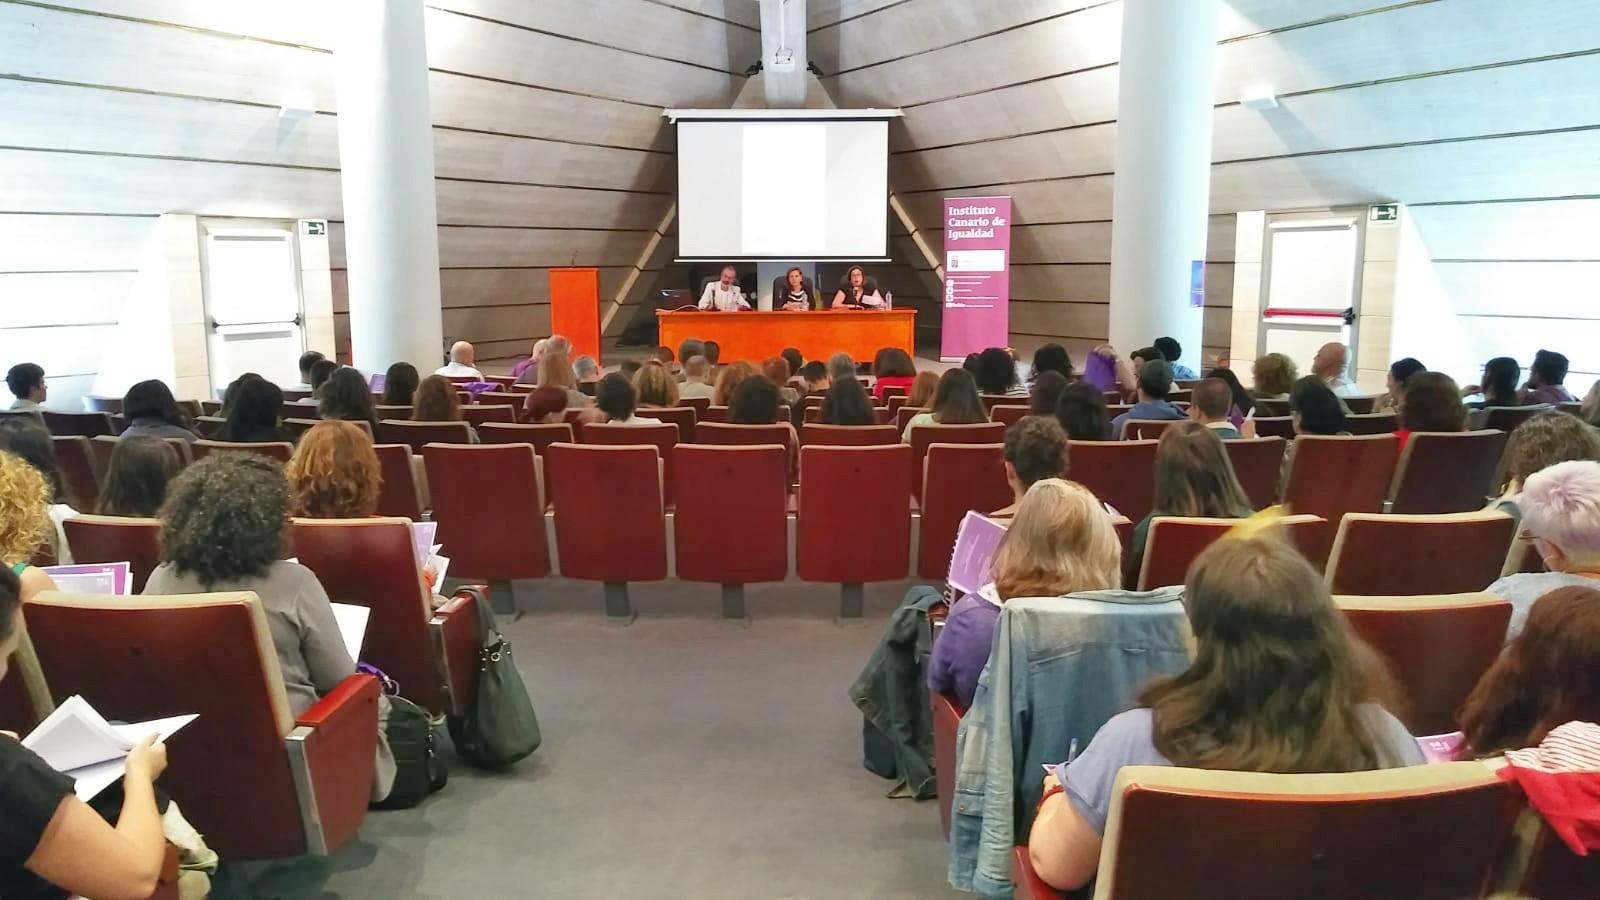 II Encuentro de Masculinidades Igualitarias en Canarias organizado por el ICI